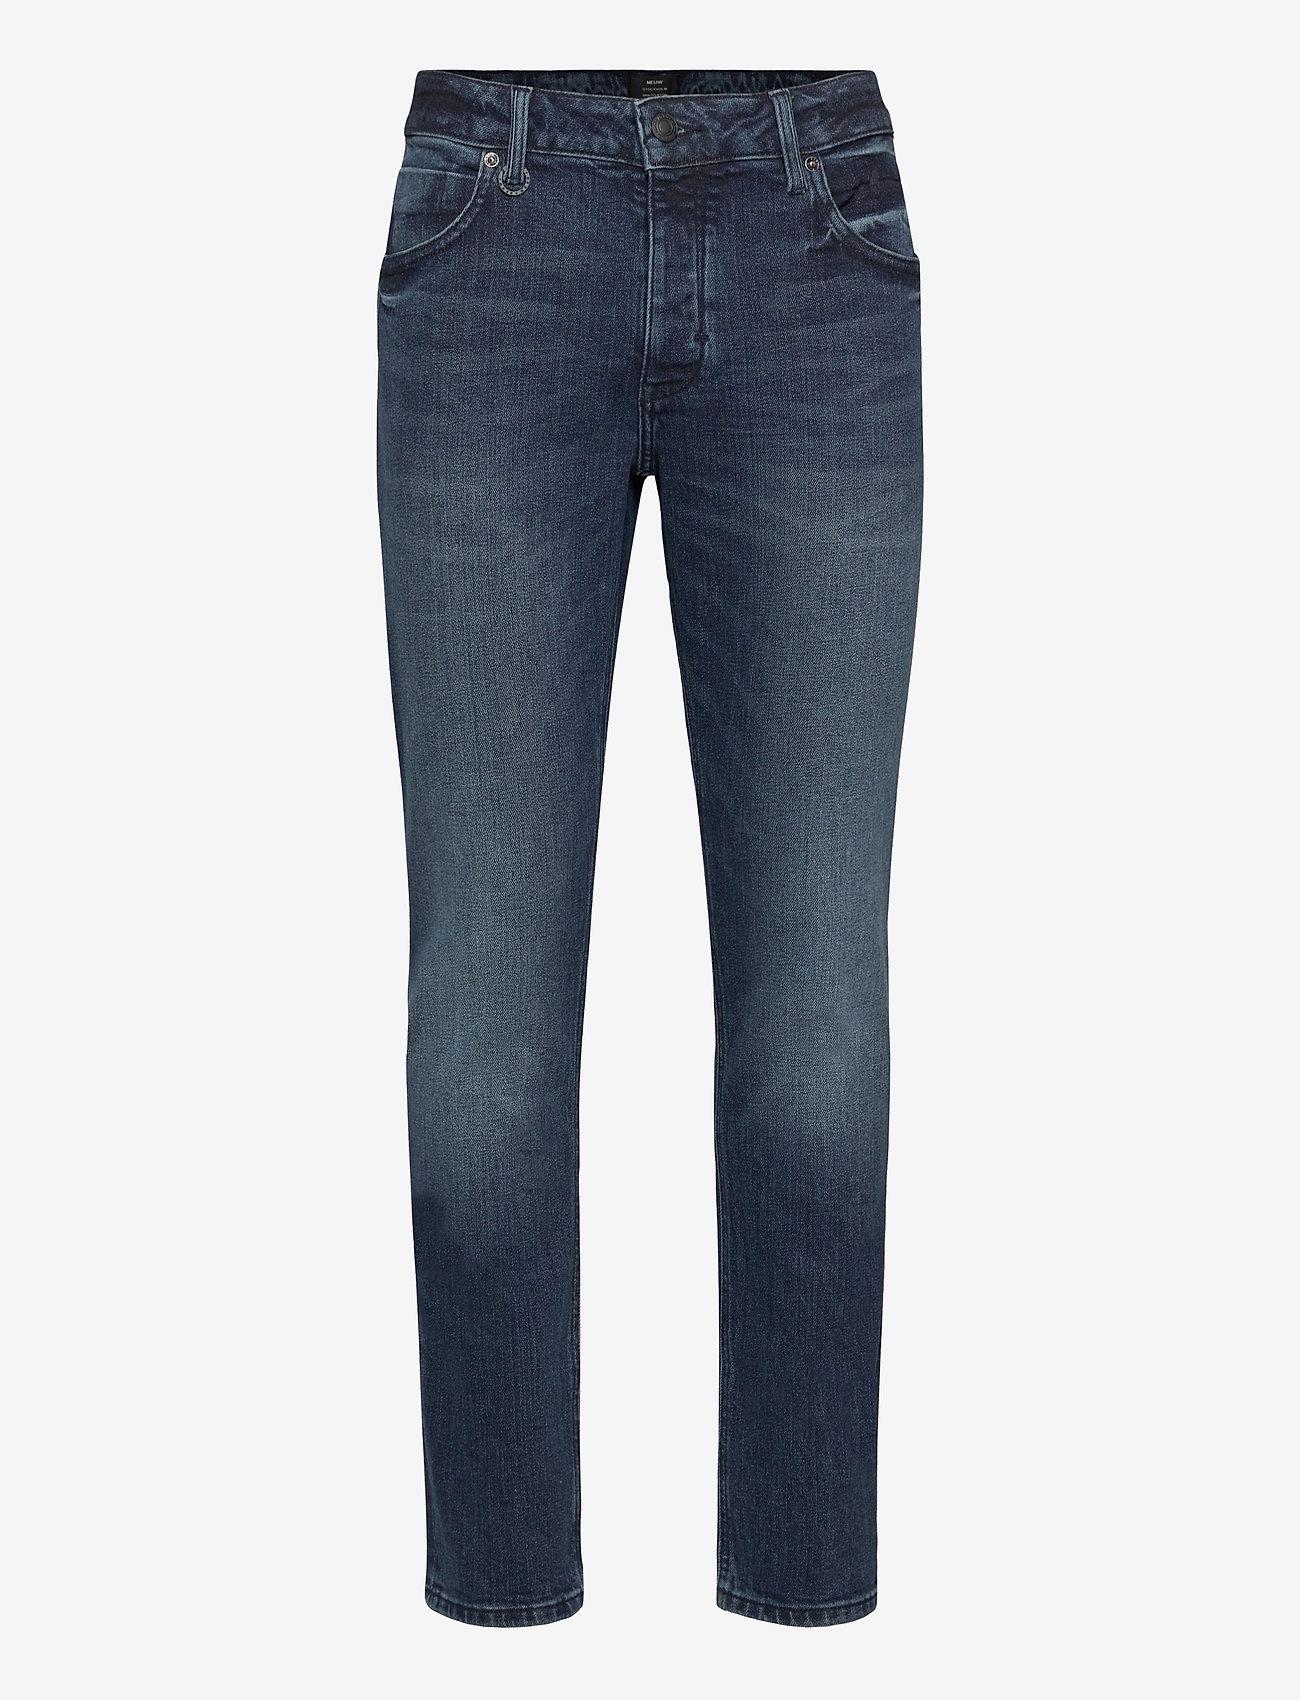 NEUW - LOU SLIM - slim jeans - architect - 0